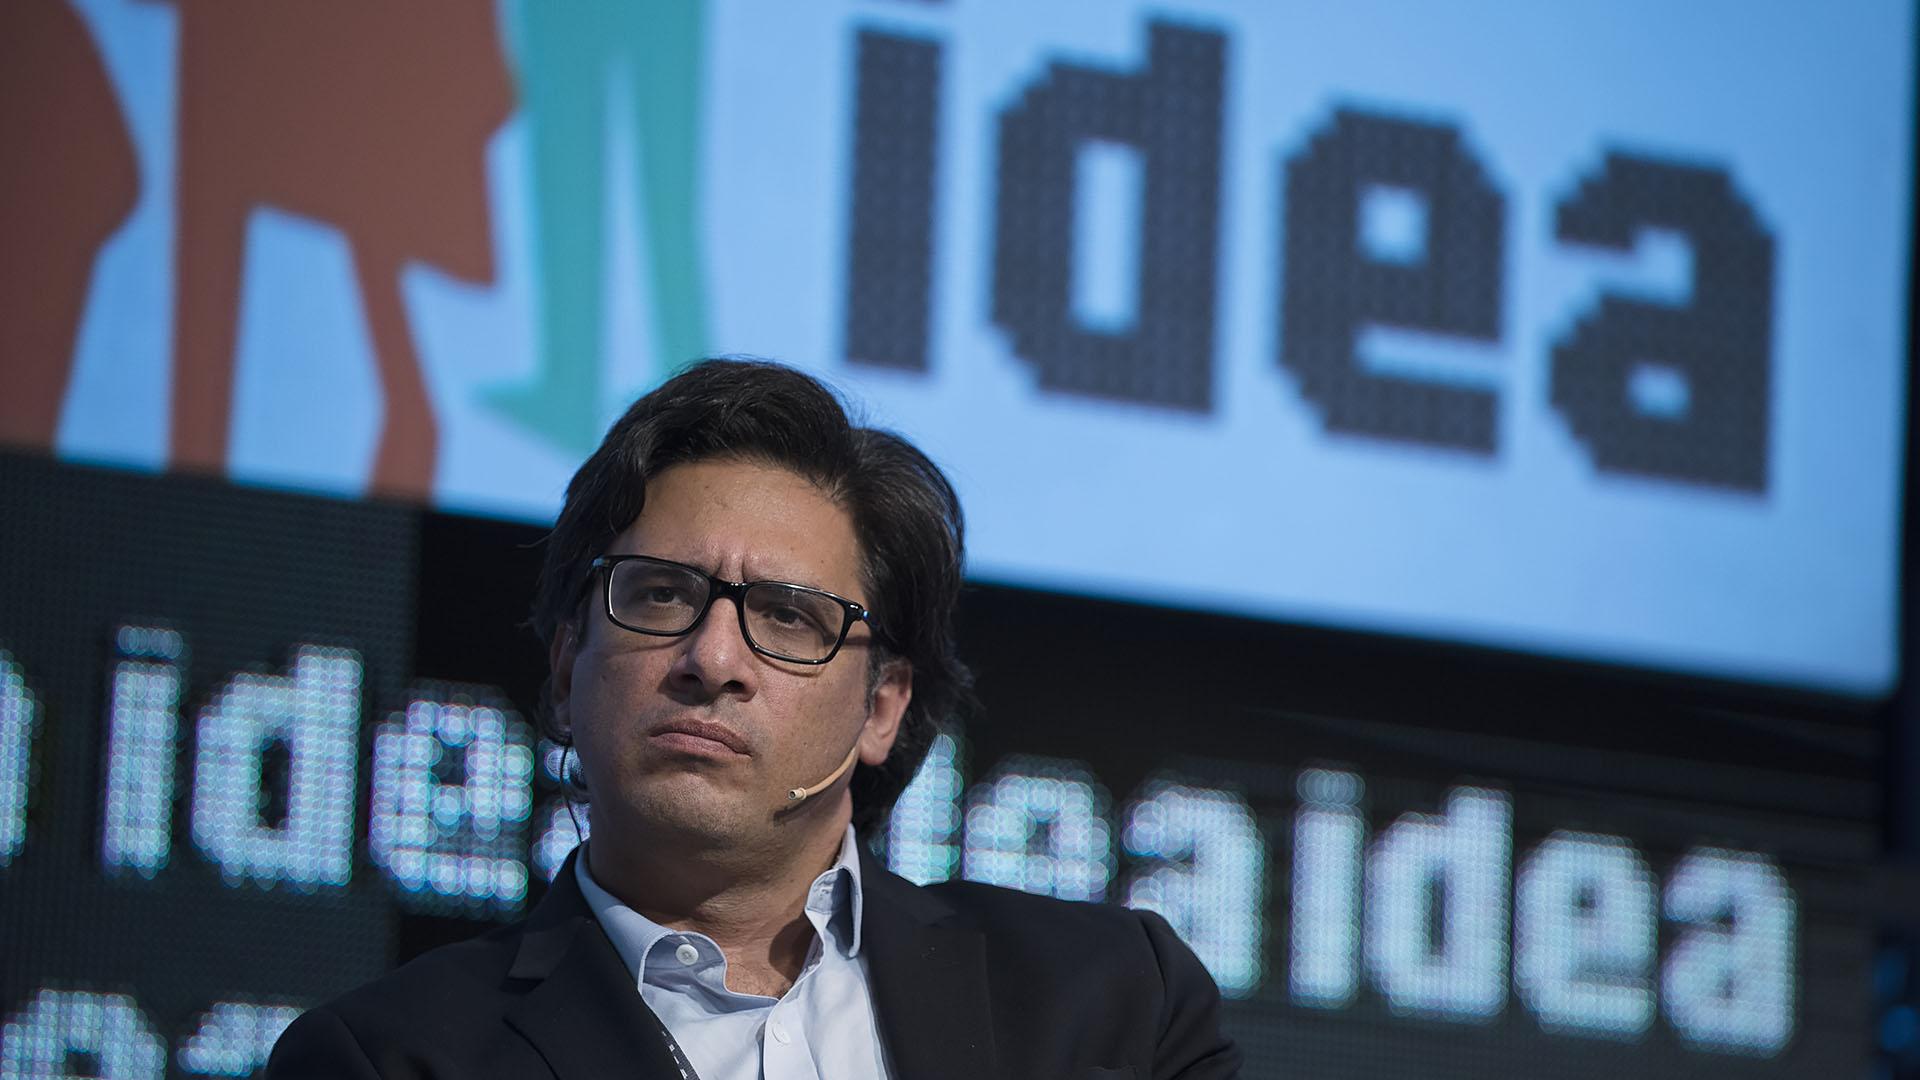 Germán Garavano, Ministro de Justicia y Derechos Humanos de la Nación